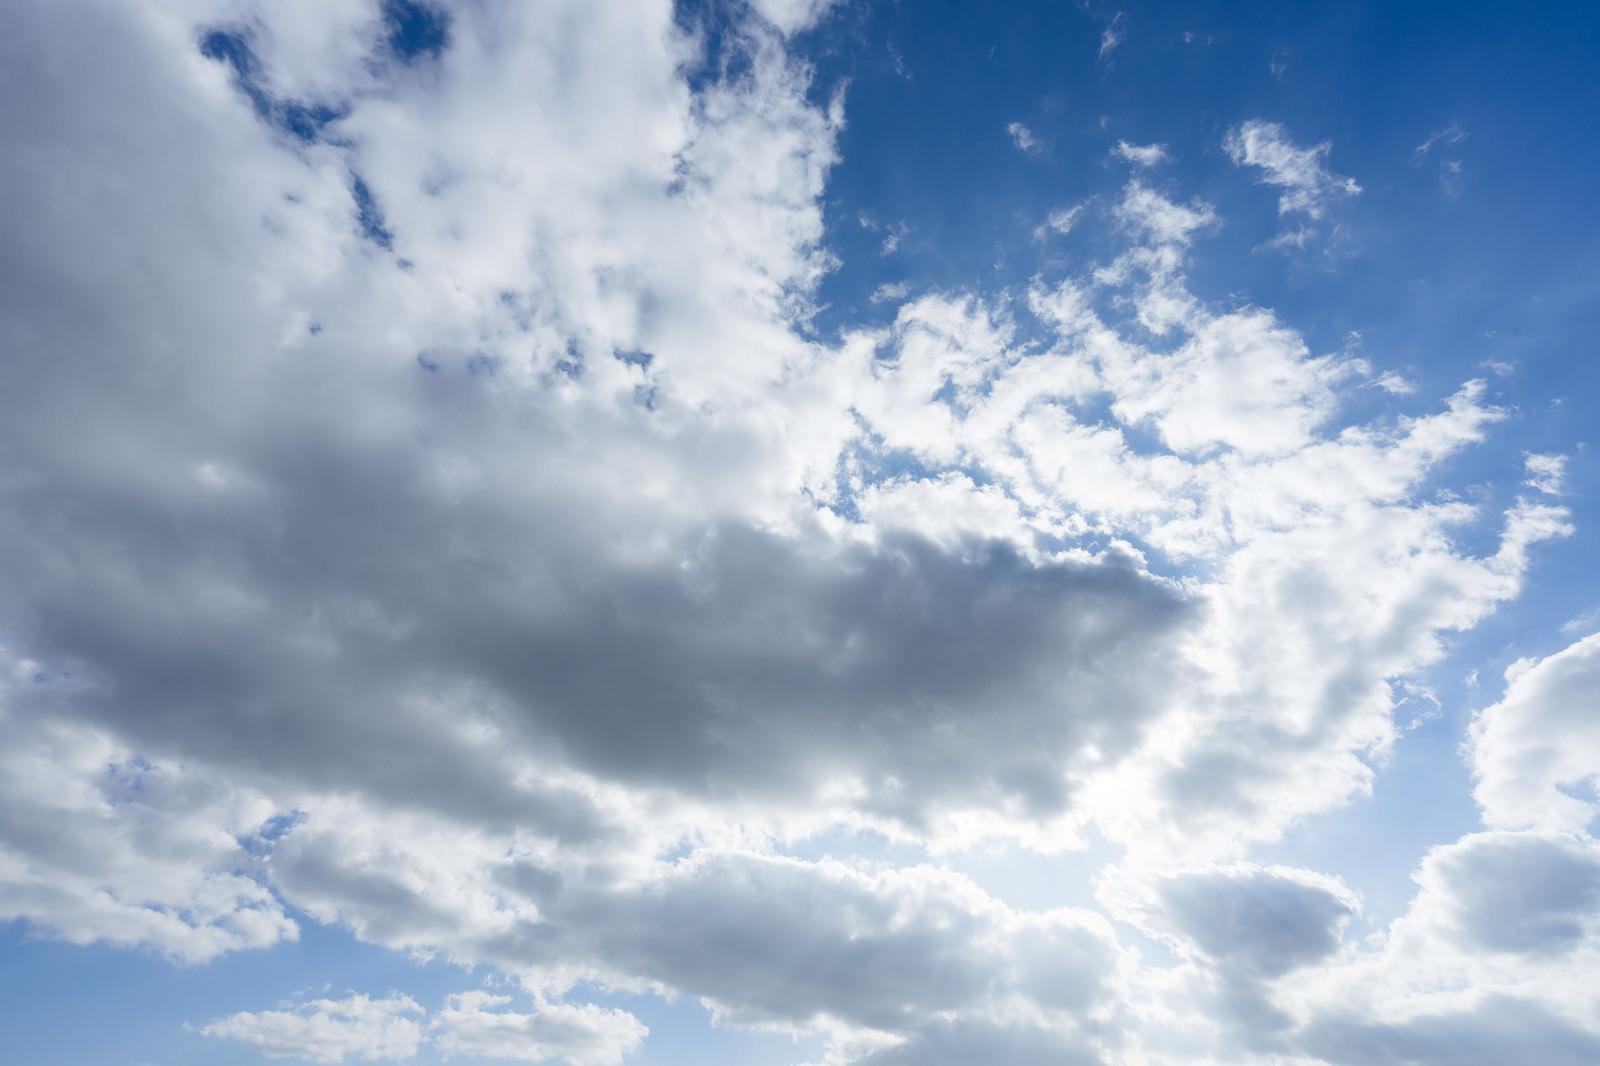 「雲で隠れた太陽」の写真